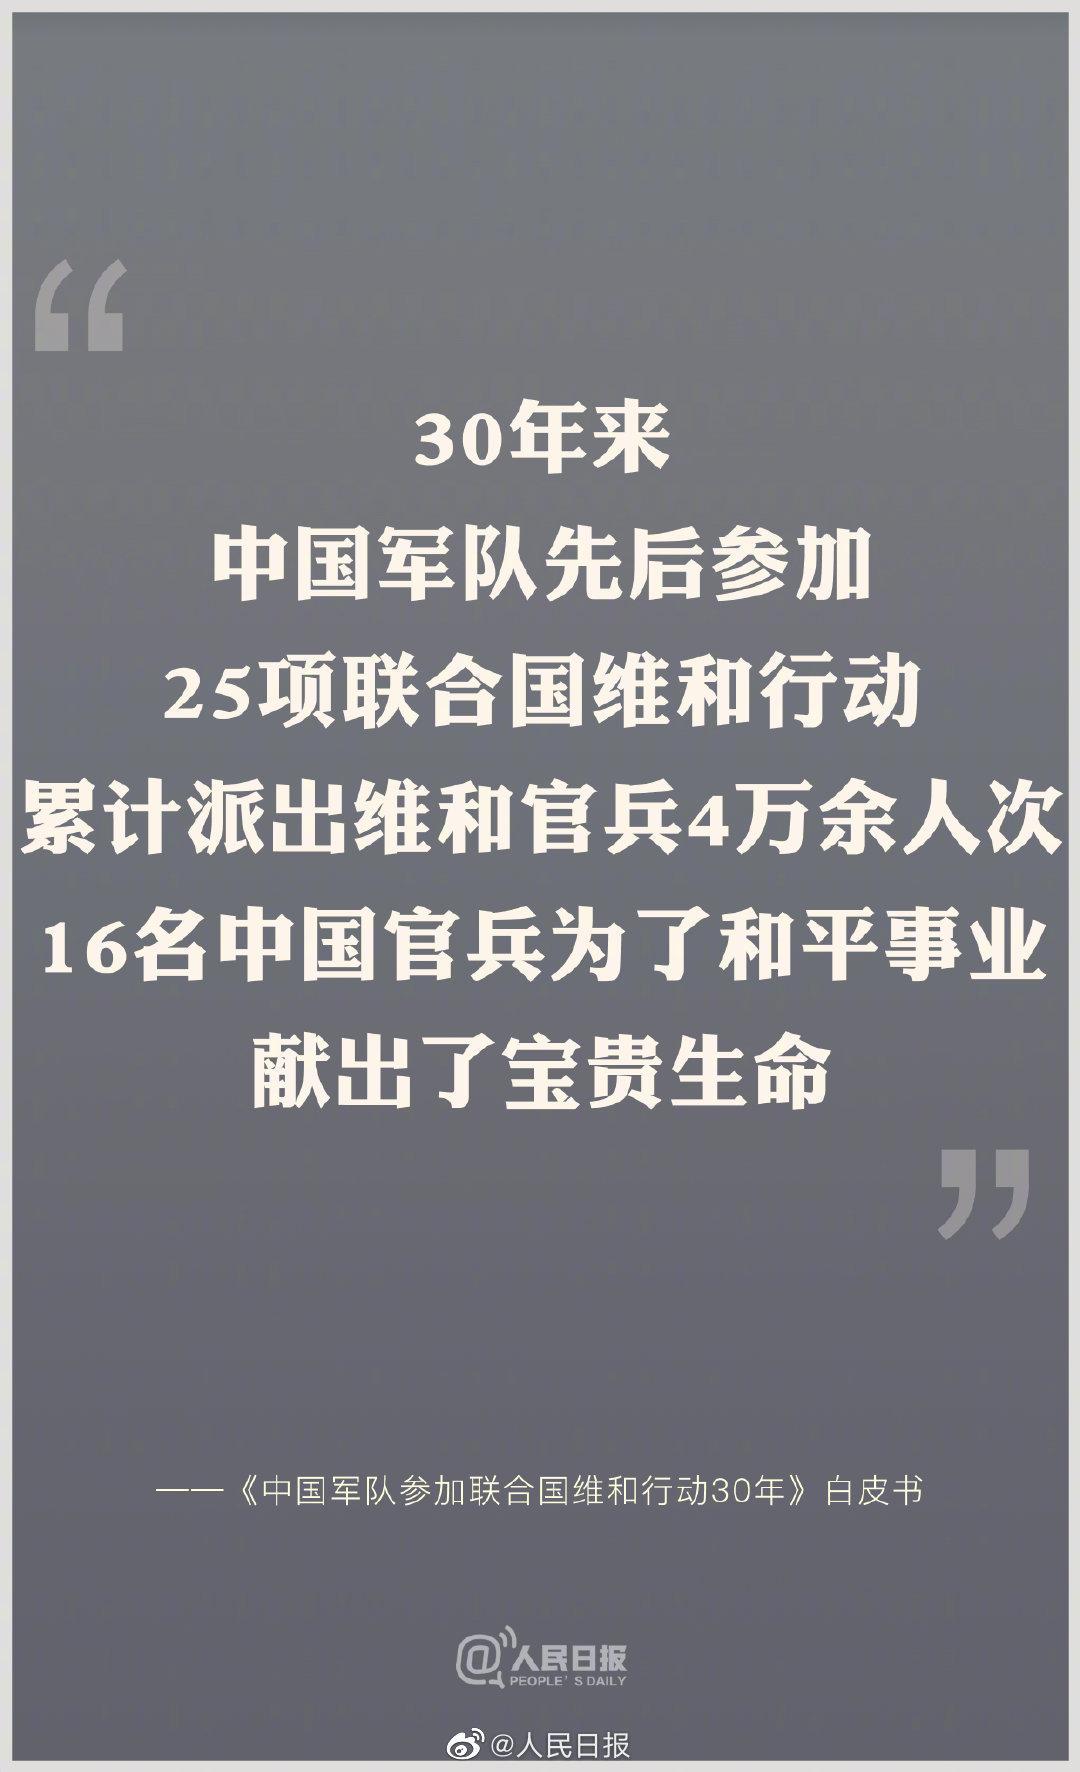 中国军队维和牺牲官兵名单 为英雄致敬